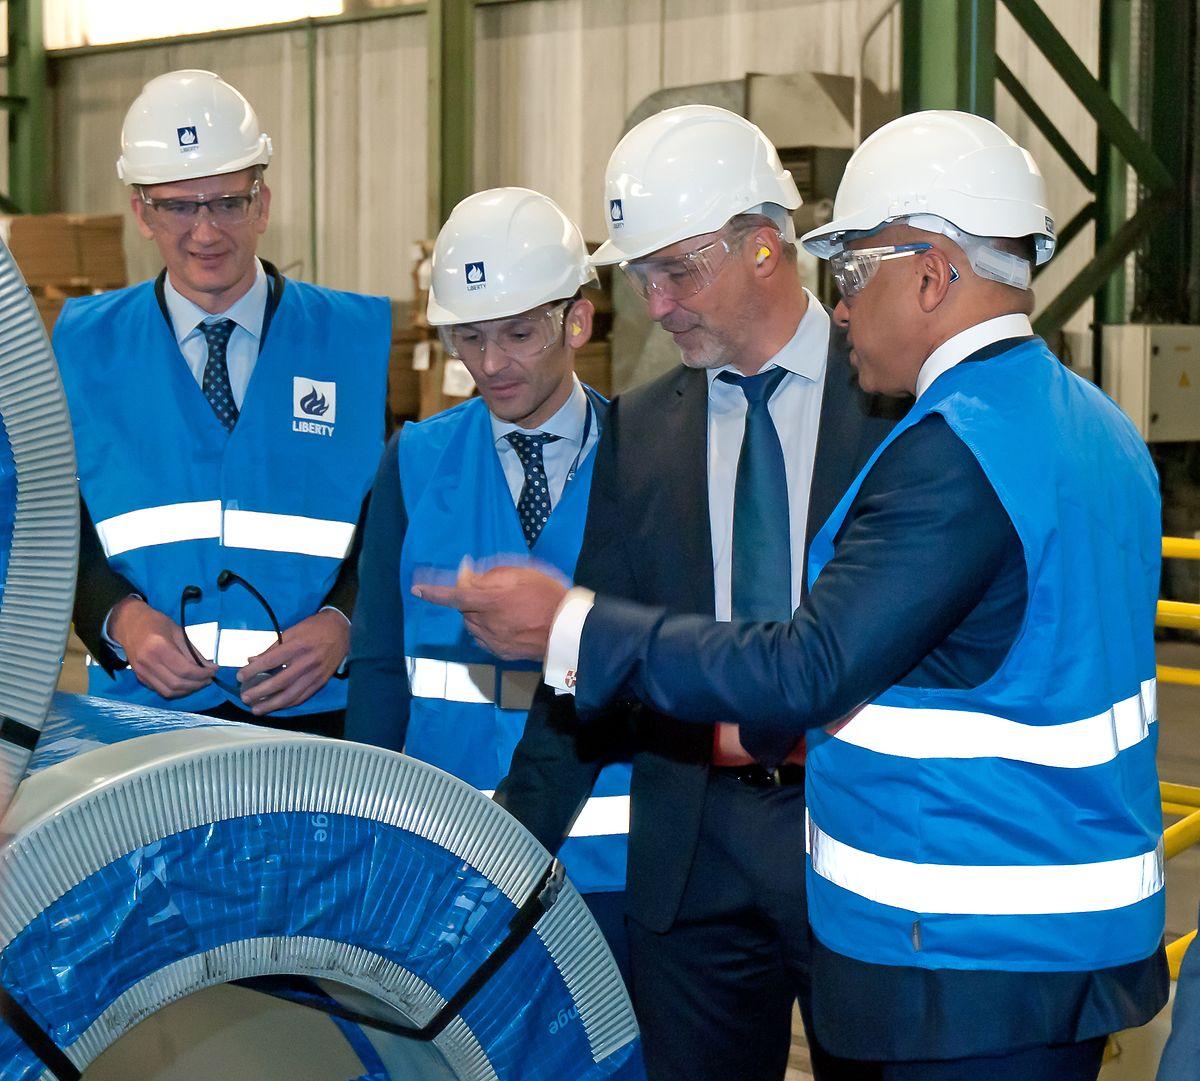 Sanjeev Gupta (à droite) avait annoncé vouloir s'appuyer sur Dudelange pour produire un «acier vert» destiné aux secteurs industriels déjà clients de l'usine luxembourgeoise: bâtiment, automobile, électroménager.